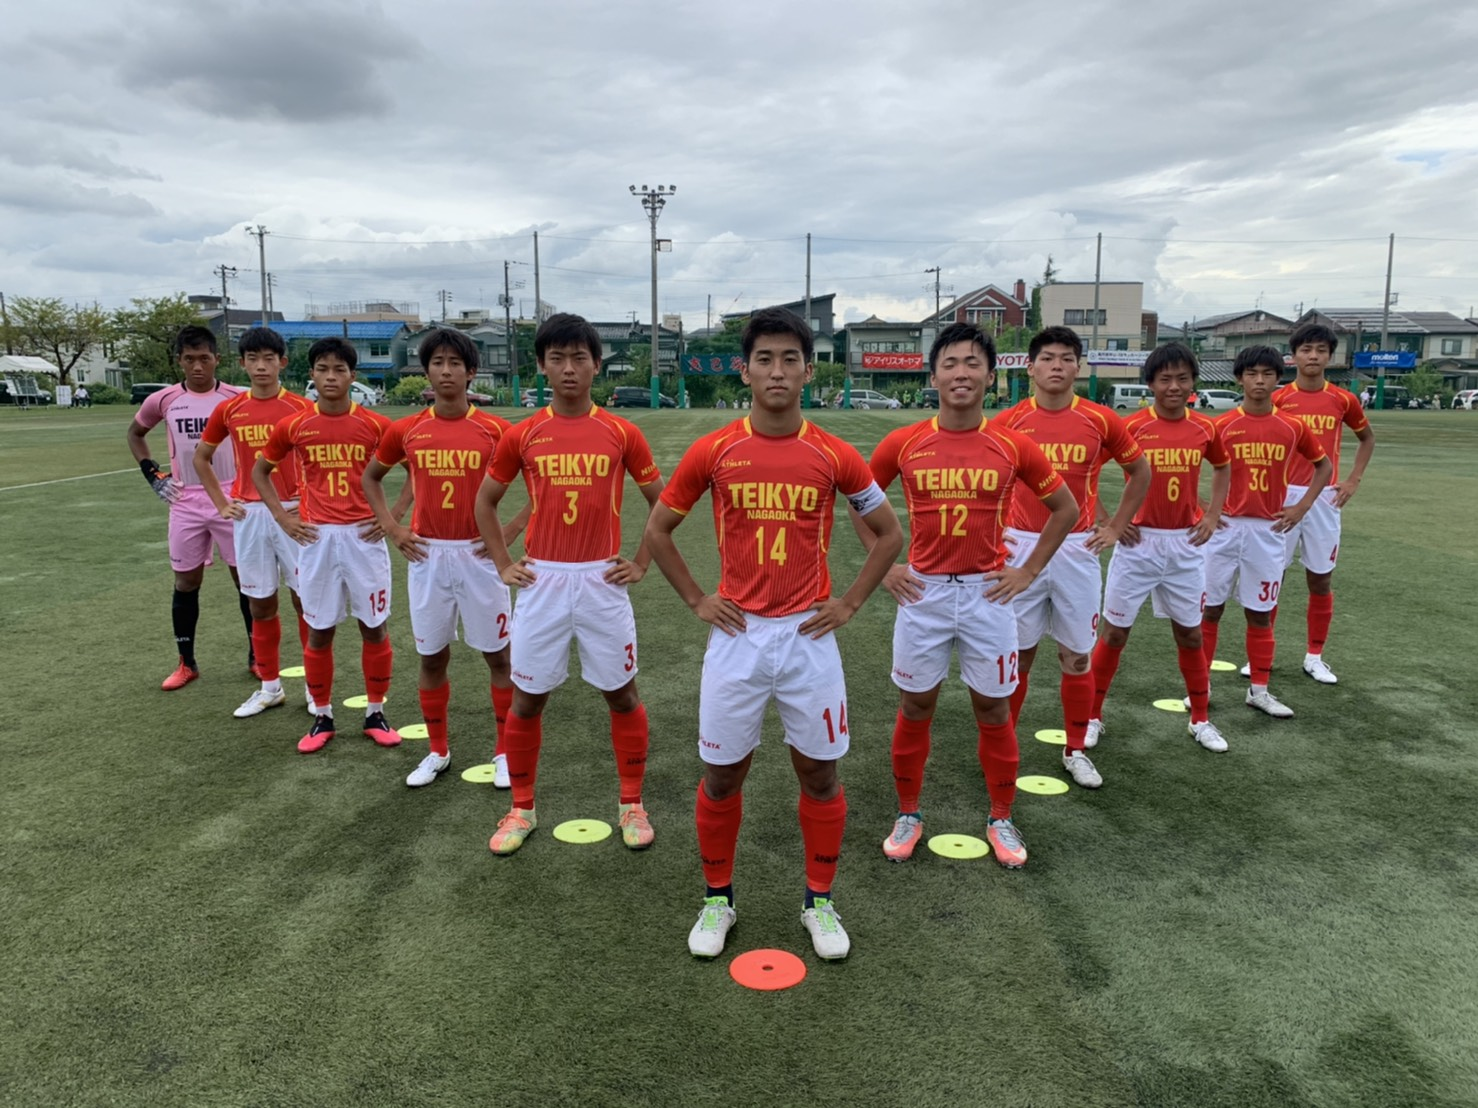 長岡 部 帝京 サッカー